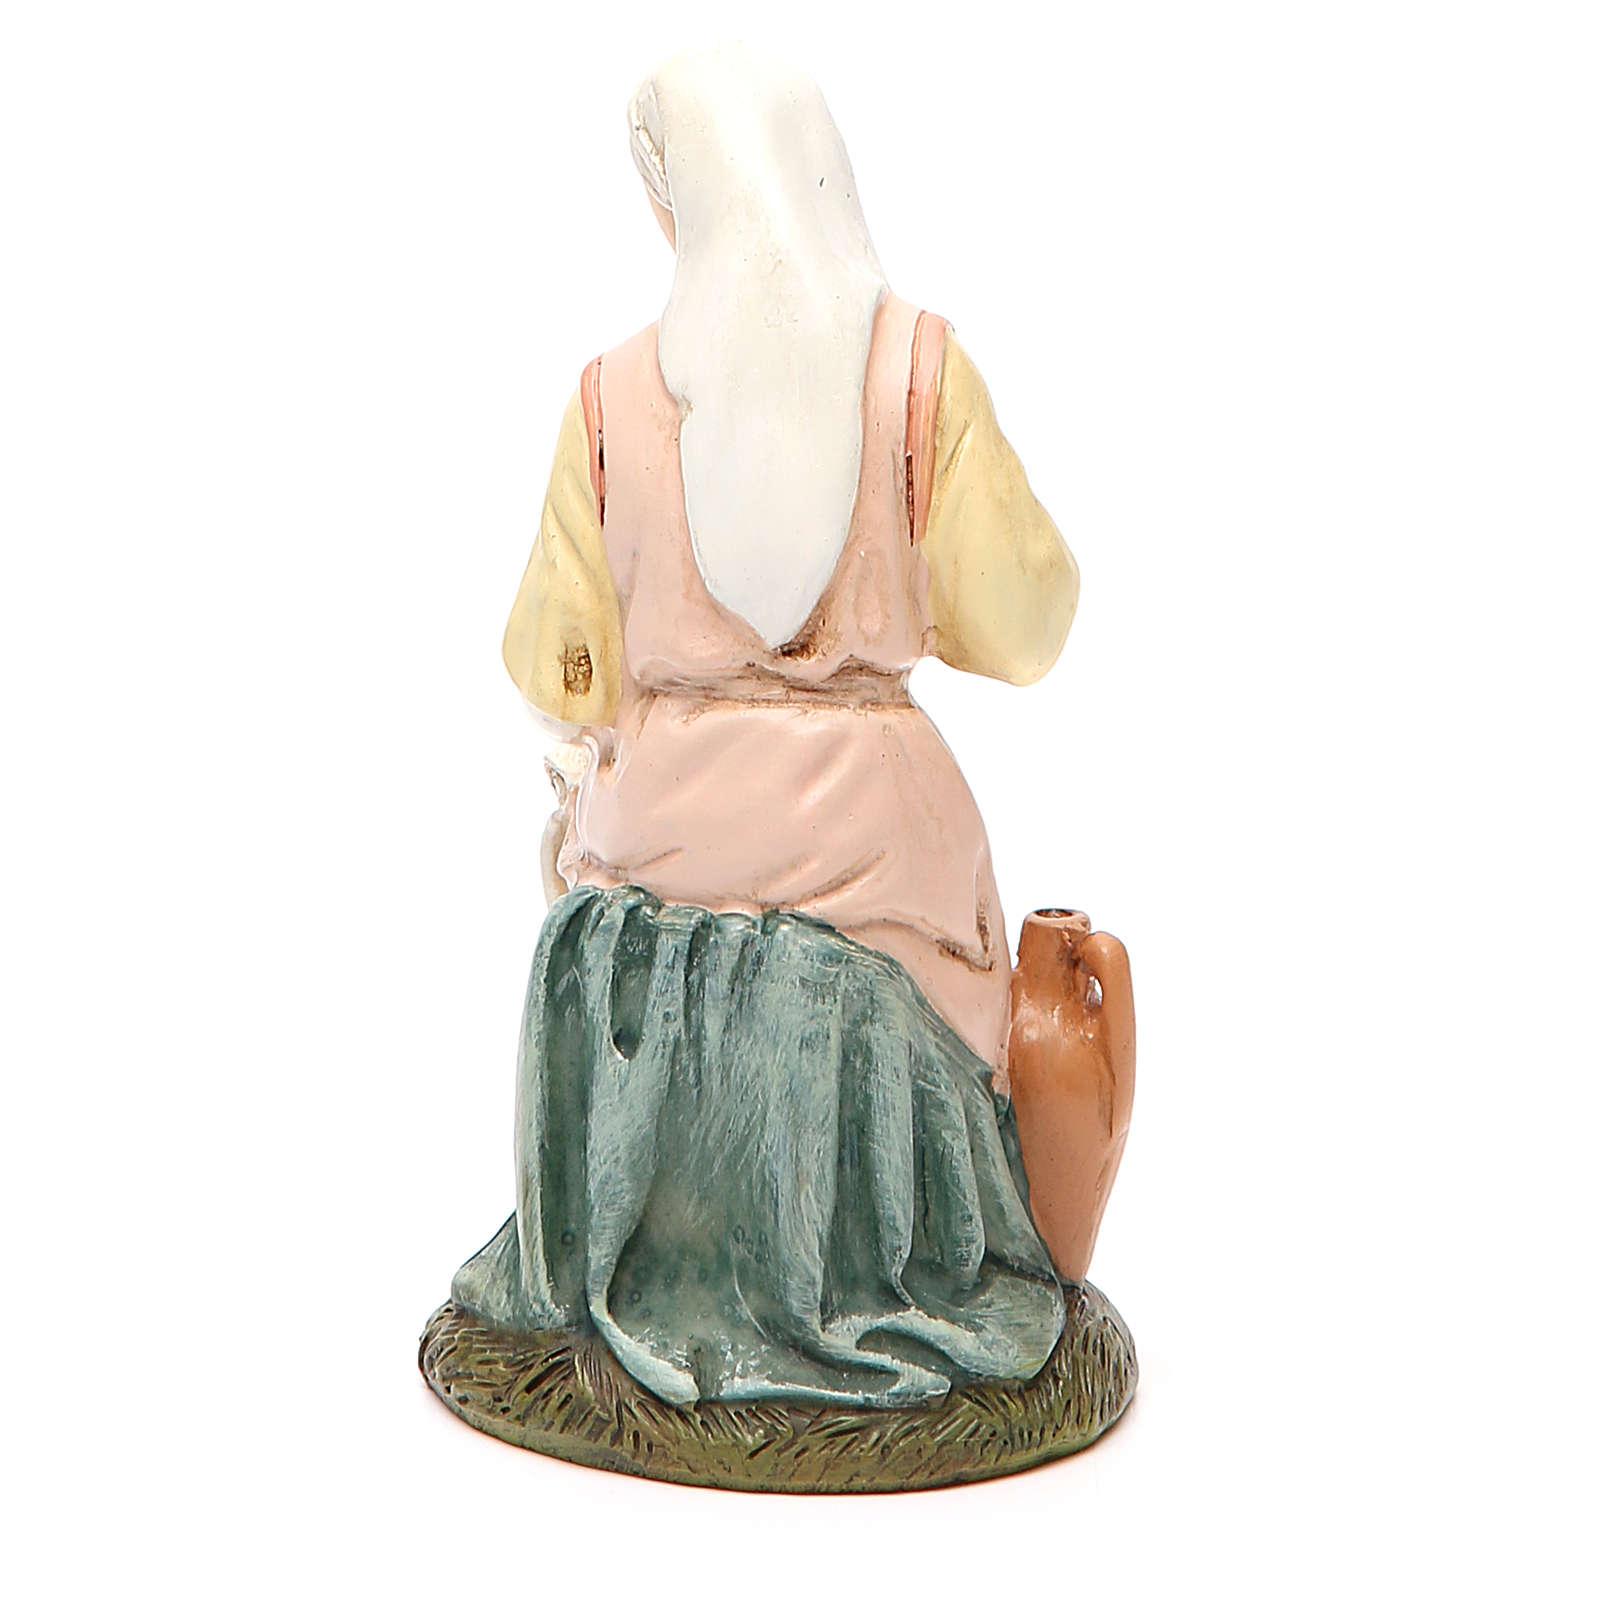 Vierge en résine peinte 16 cm gamme économique Landi 3